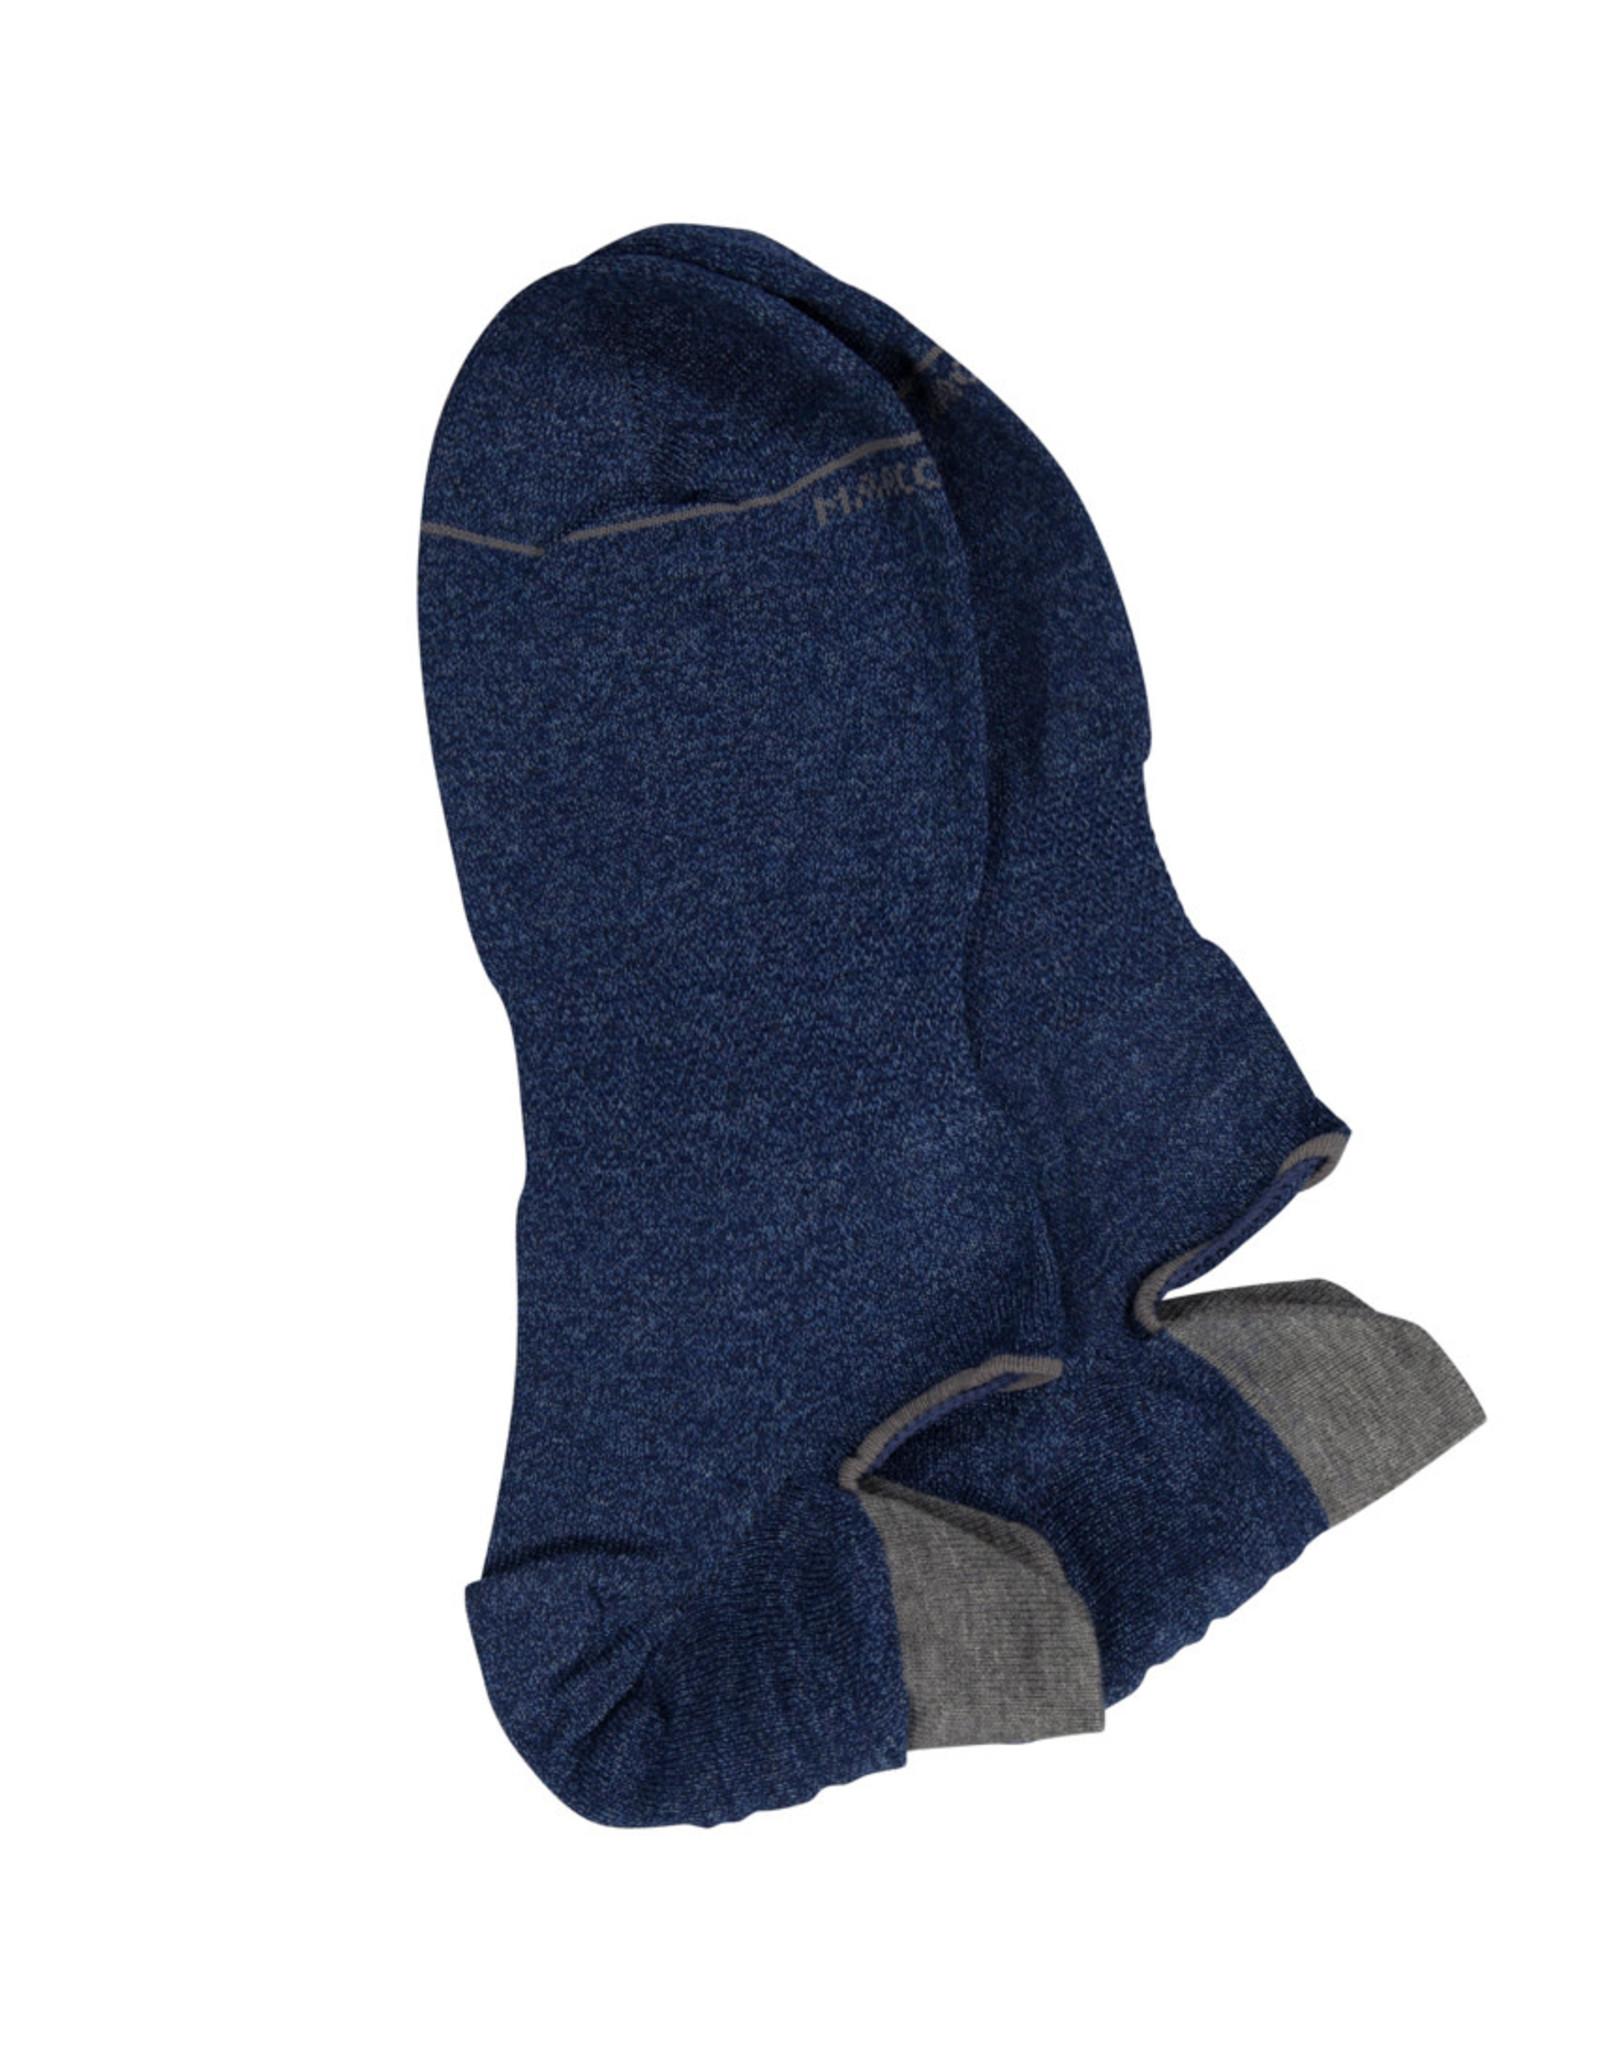 Marcoliani Marcoliani sokken blauw sneaker 3310K/130